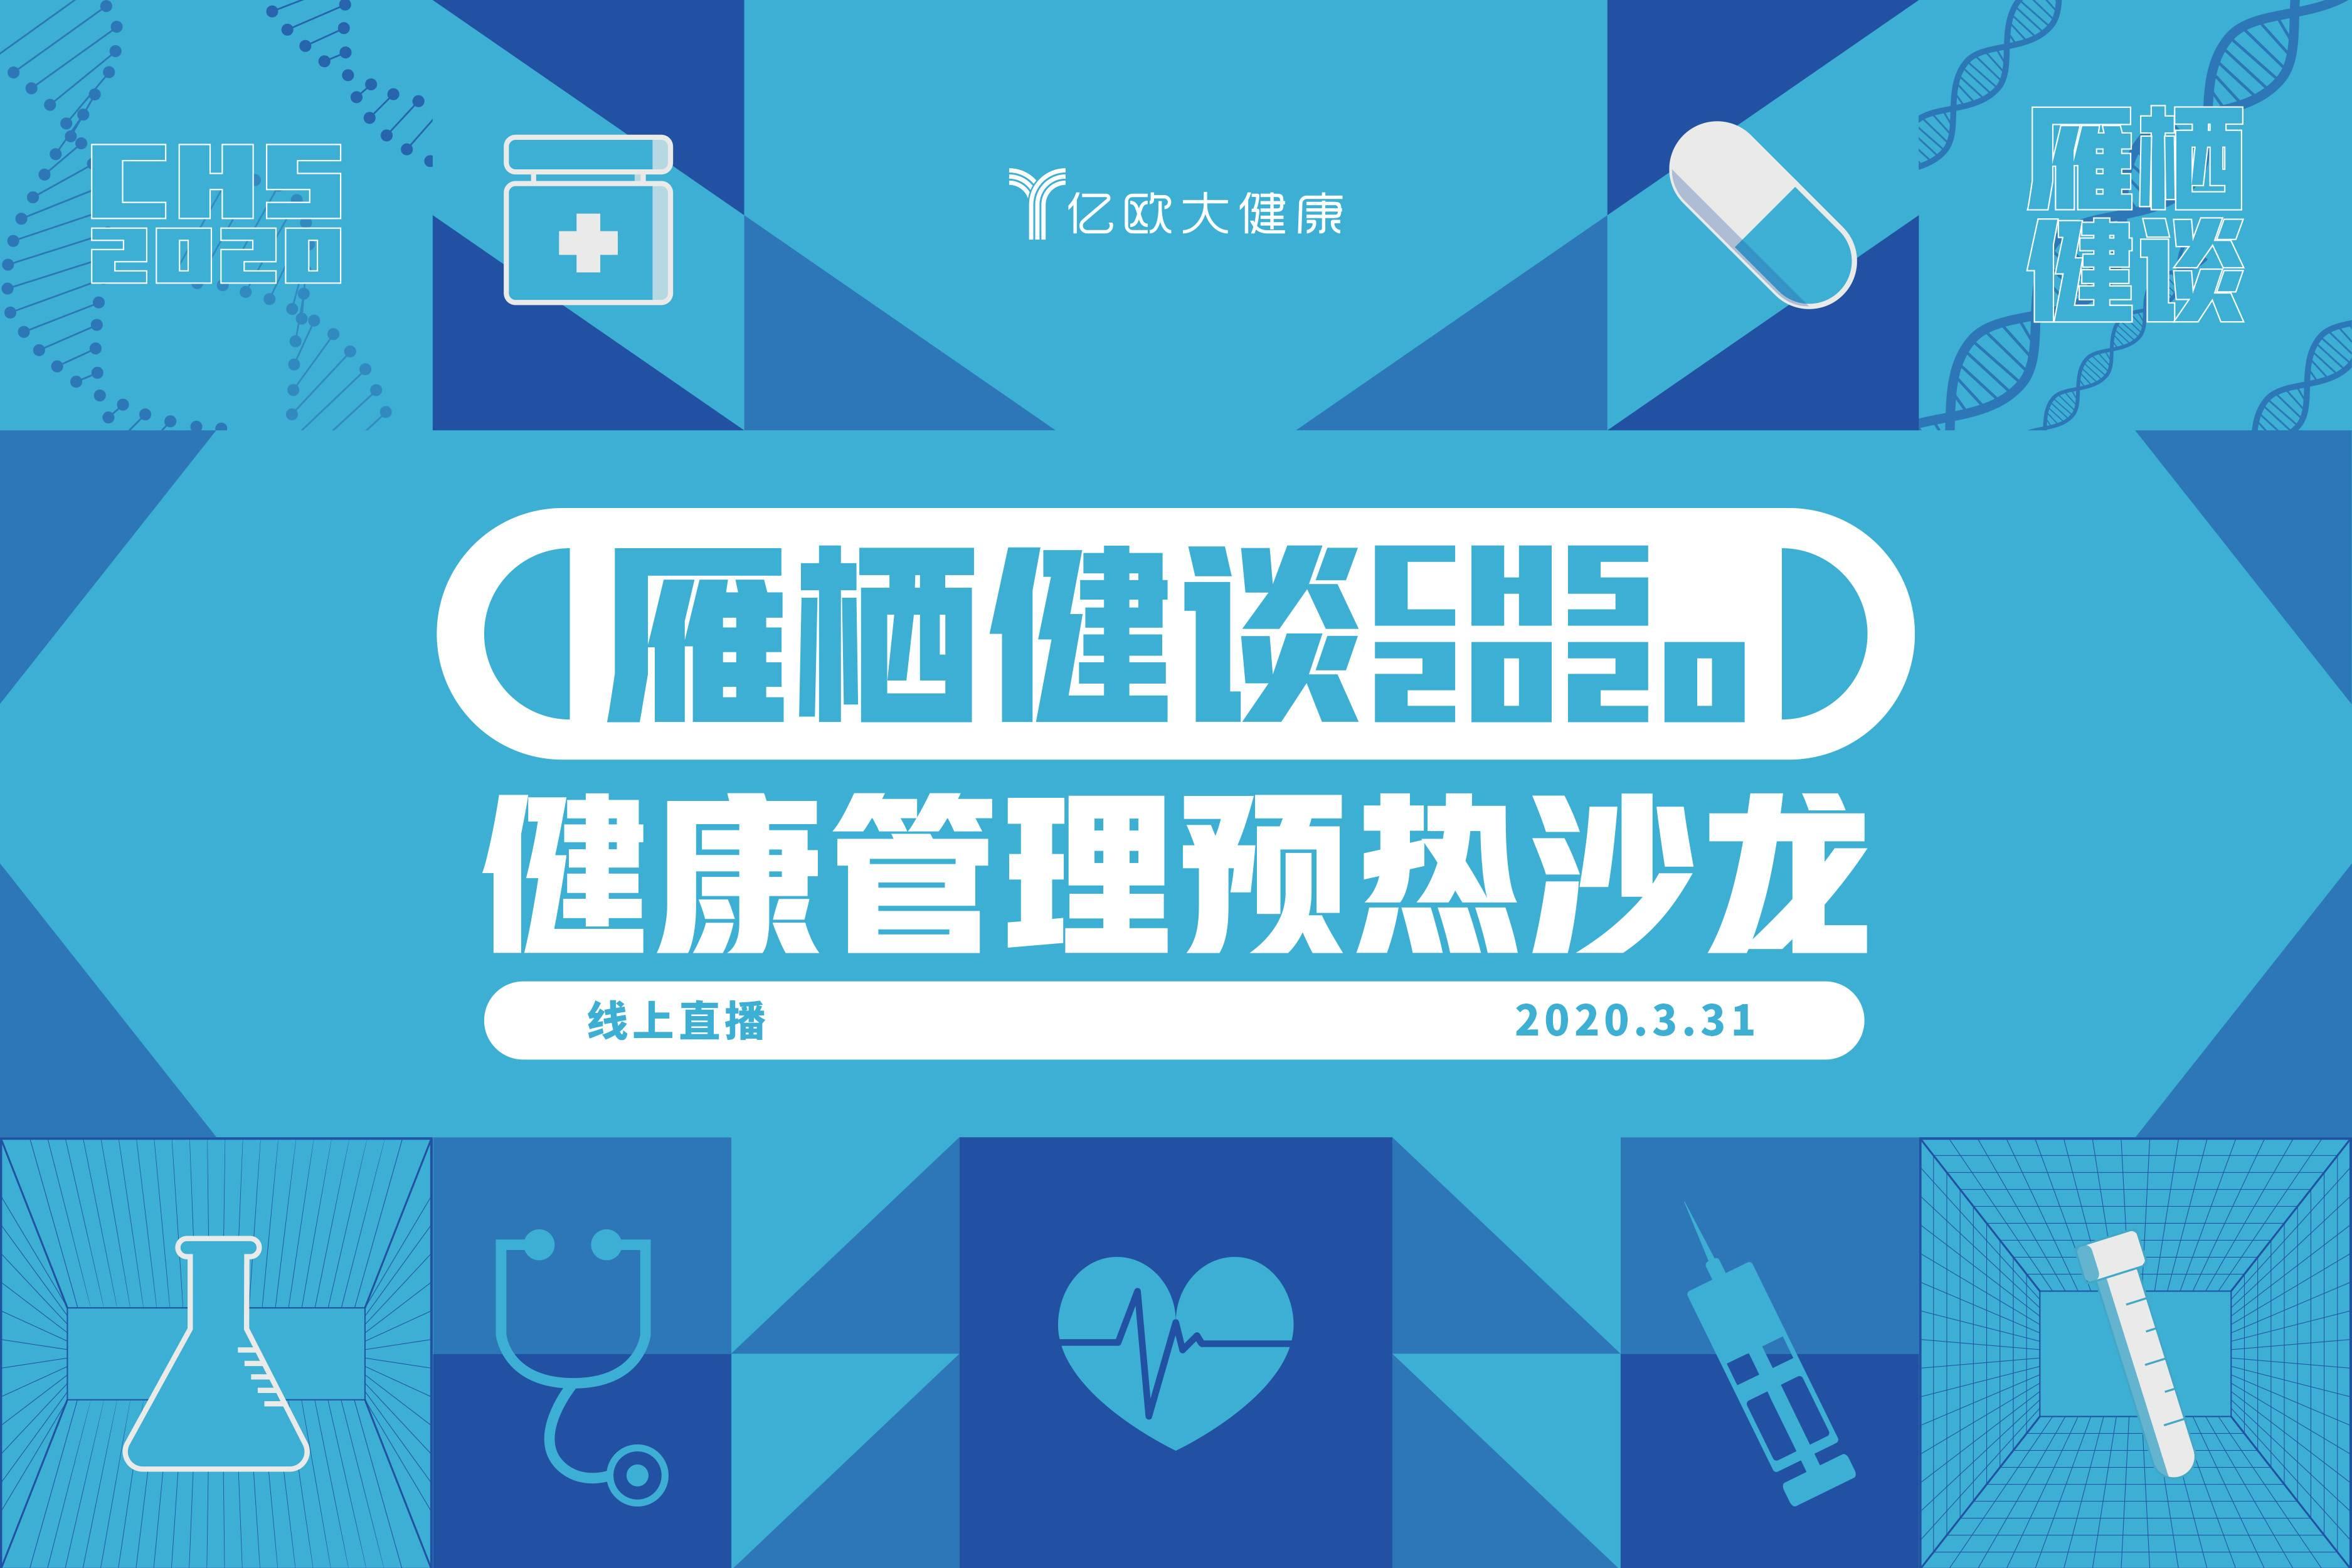 雁栖健谈 · 健康管理预热沙龙X线上直播